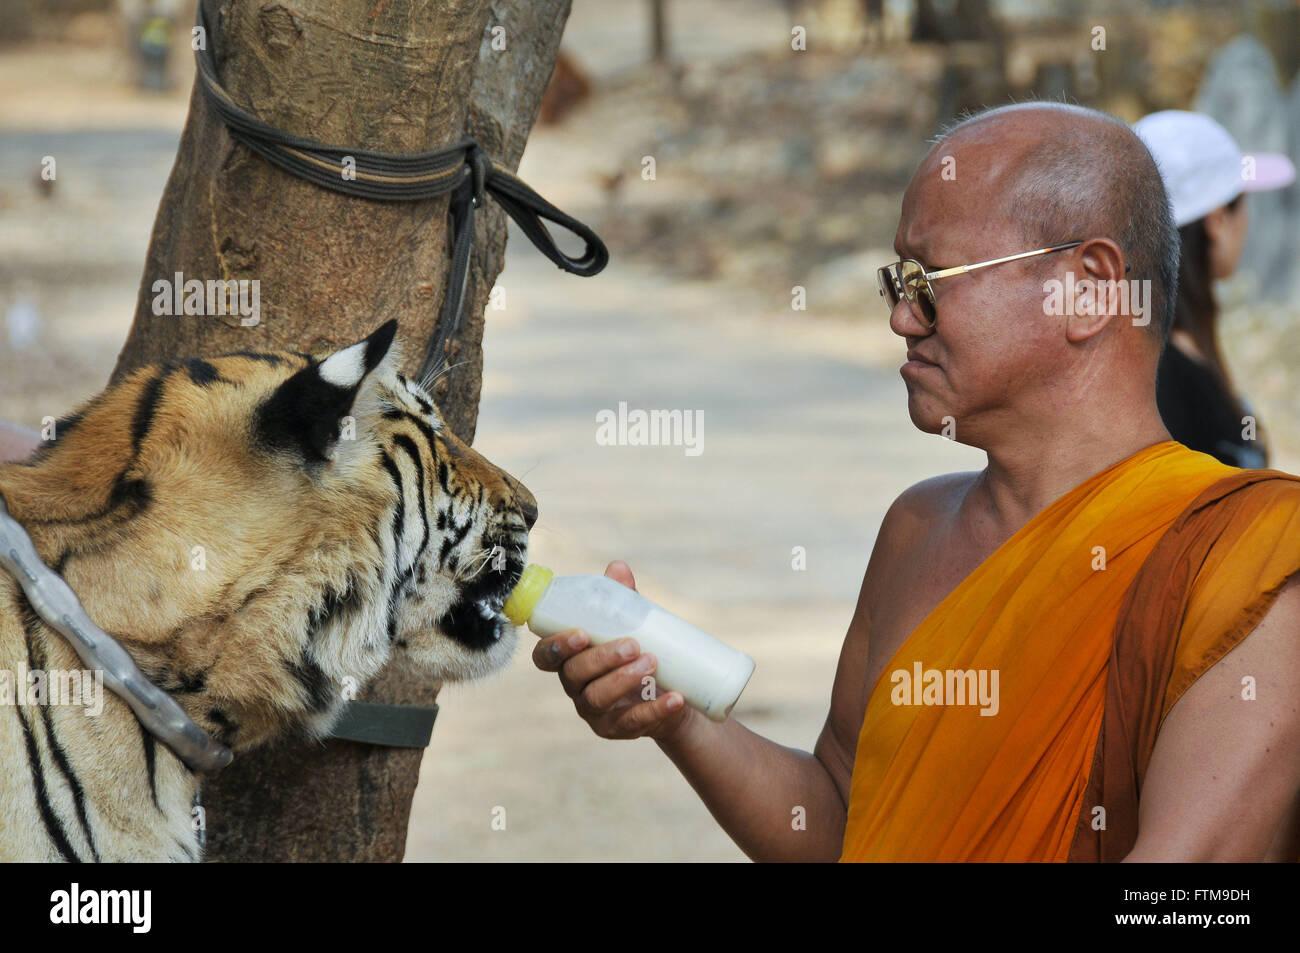 Monje dando biberón para el Templo del Tigre tigres en la ciudad de Sai Yok en Tailandia Foto de stock